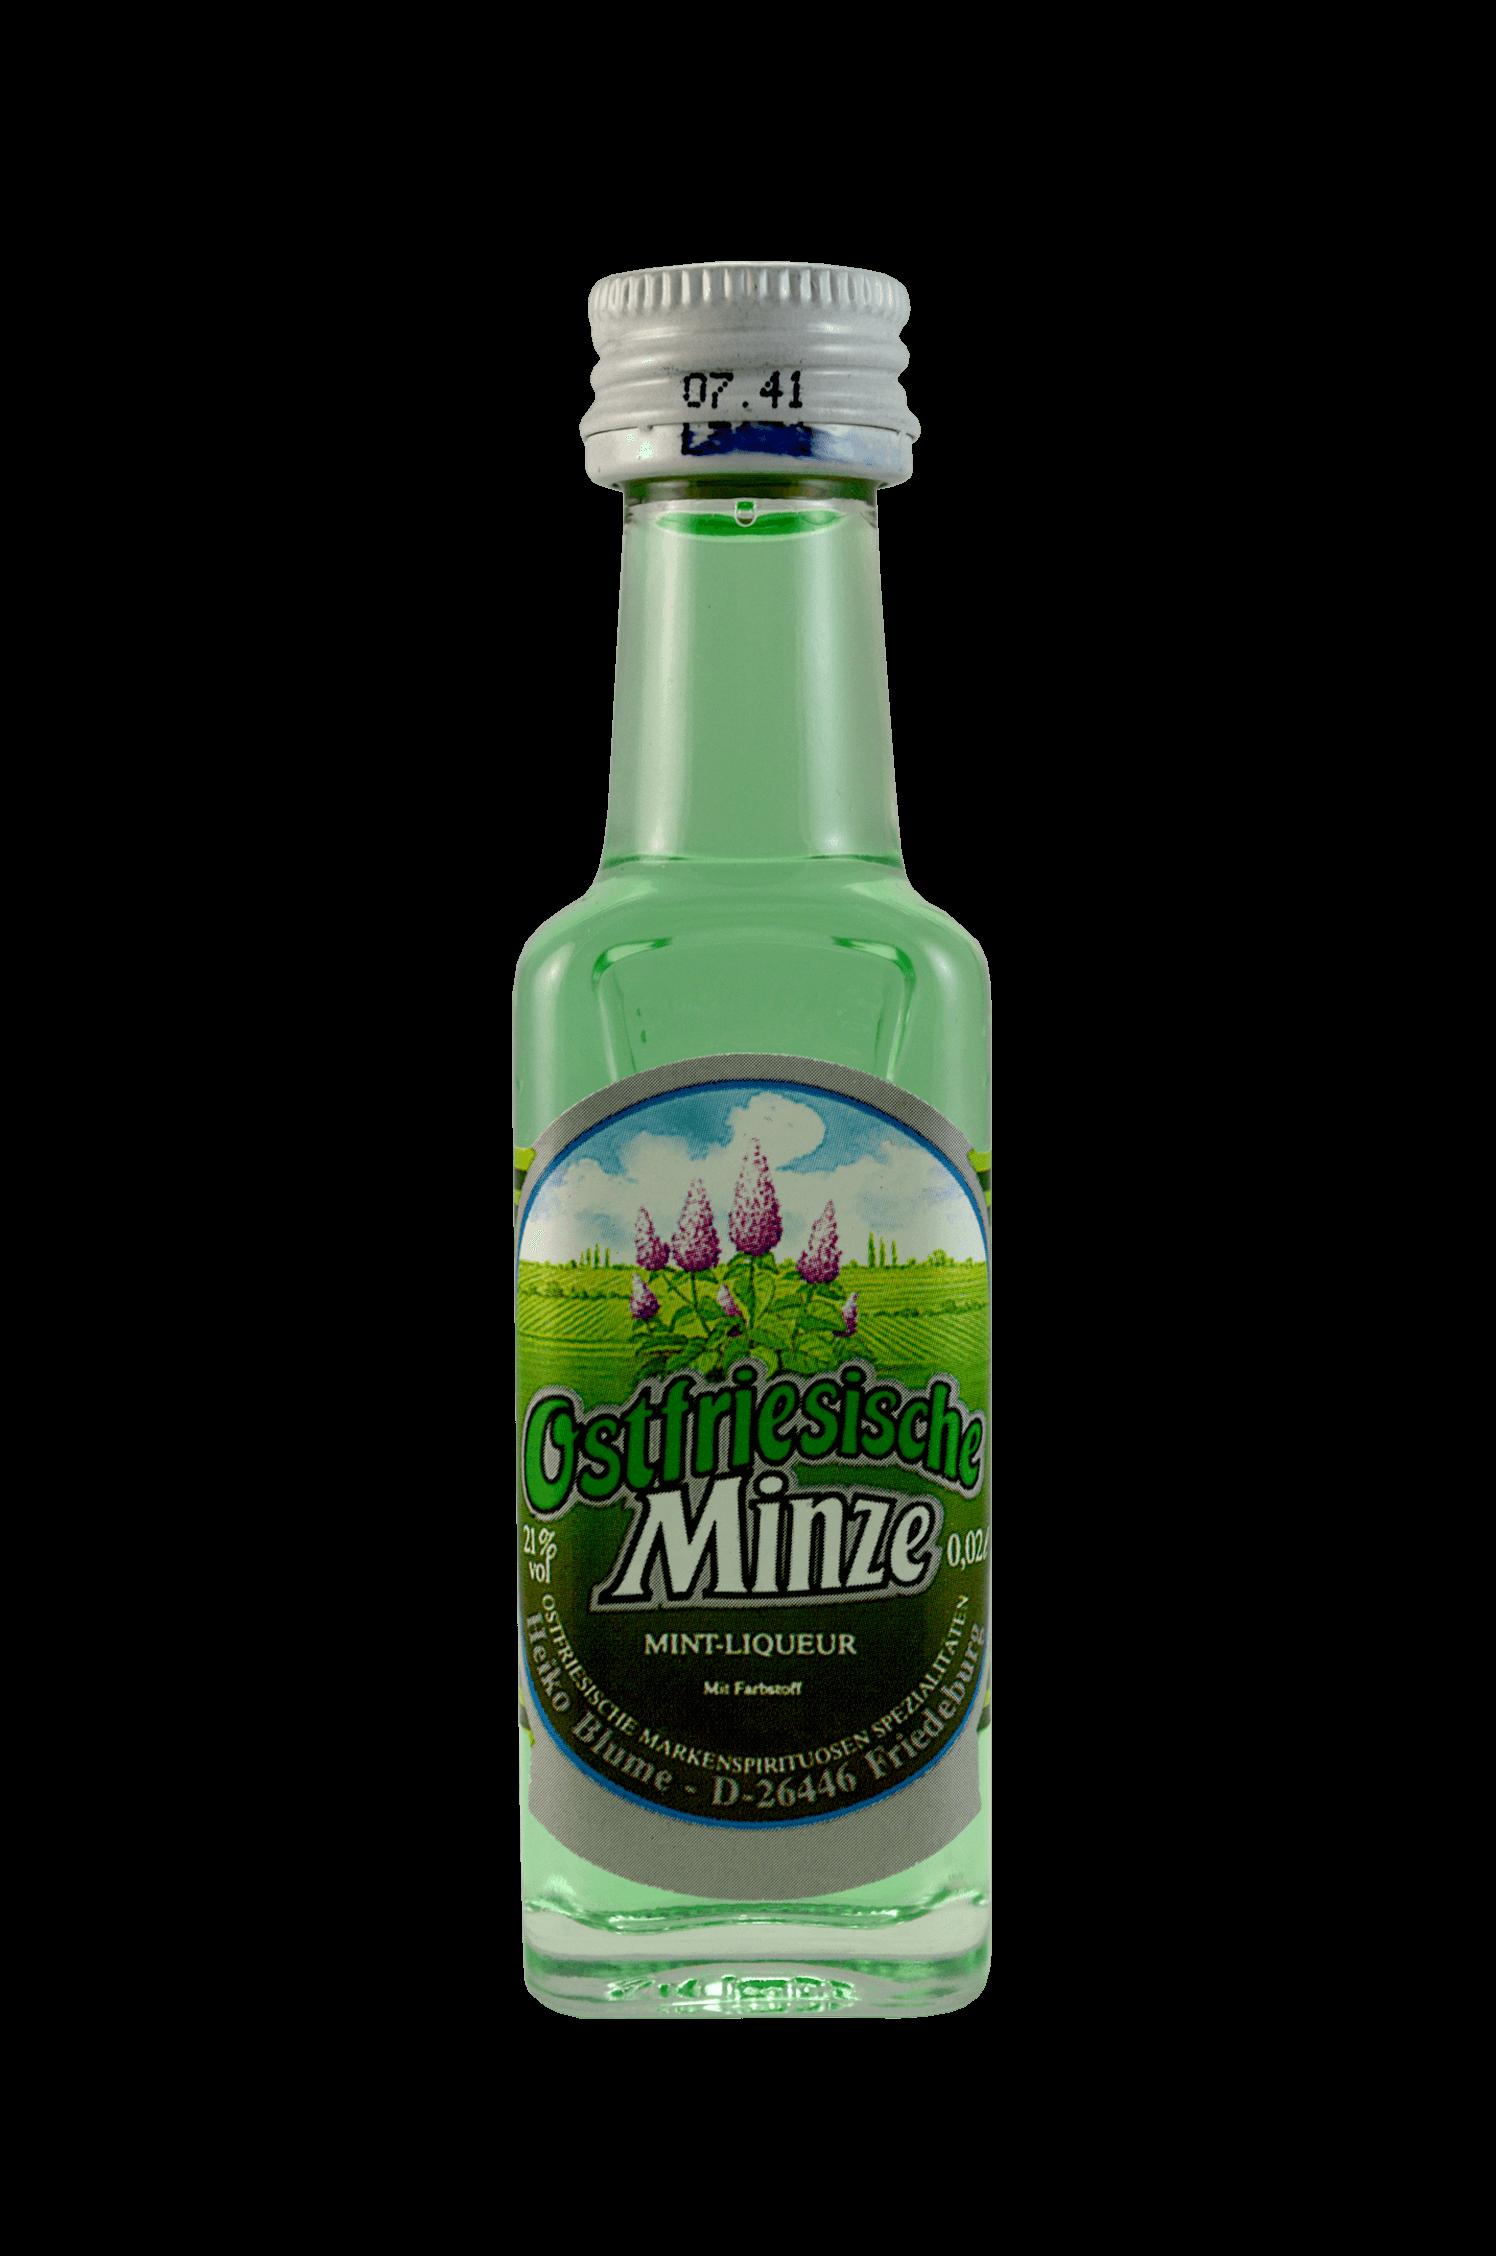 Ostfriesische Minze Liqueur